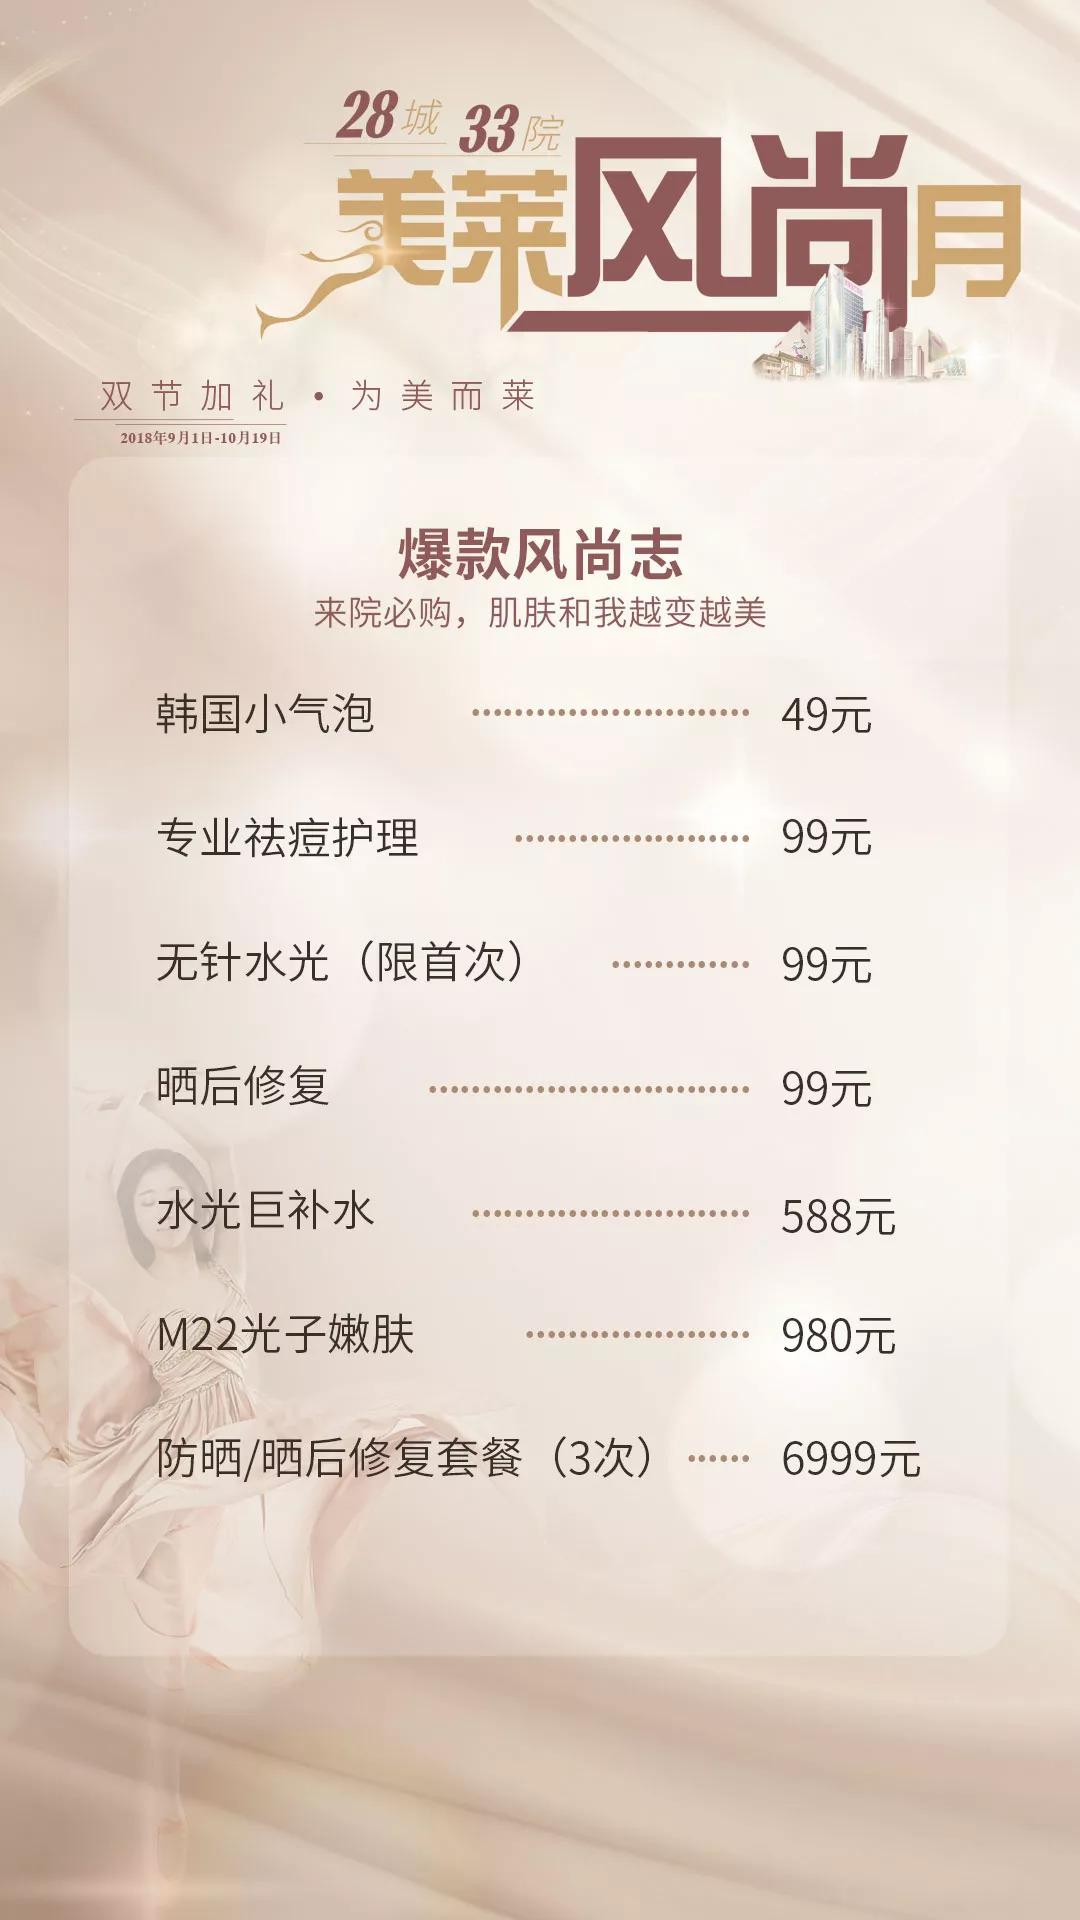 """美莱风尚月_新学期少女战""""痘""""记,祛痘护理仅需99元。"""